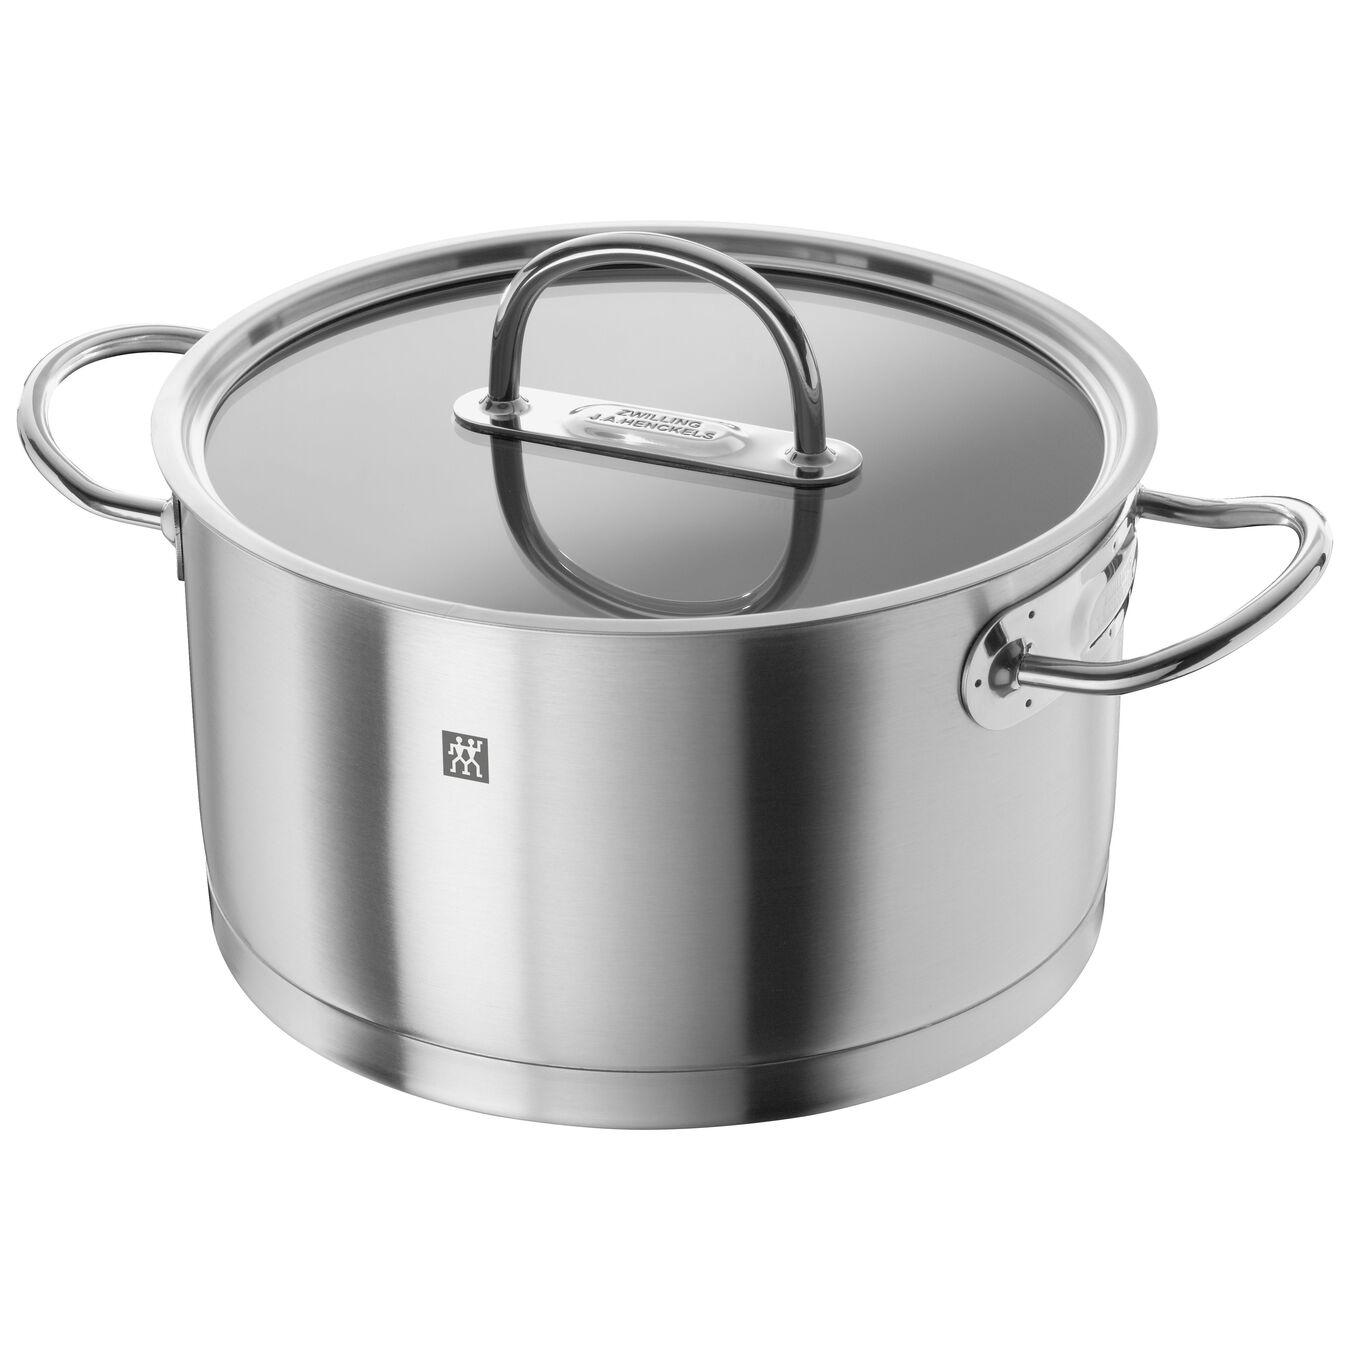 Ensemble de casseroles 5-pcs, Inox 18/10,,large 7